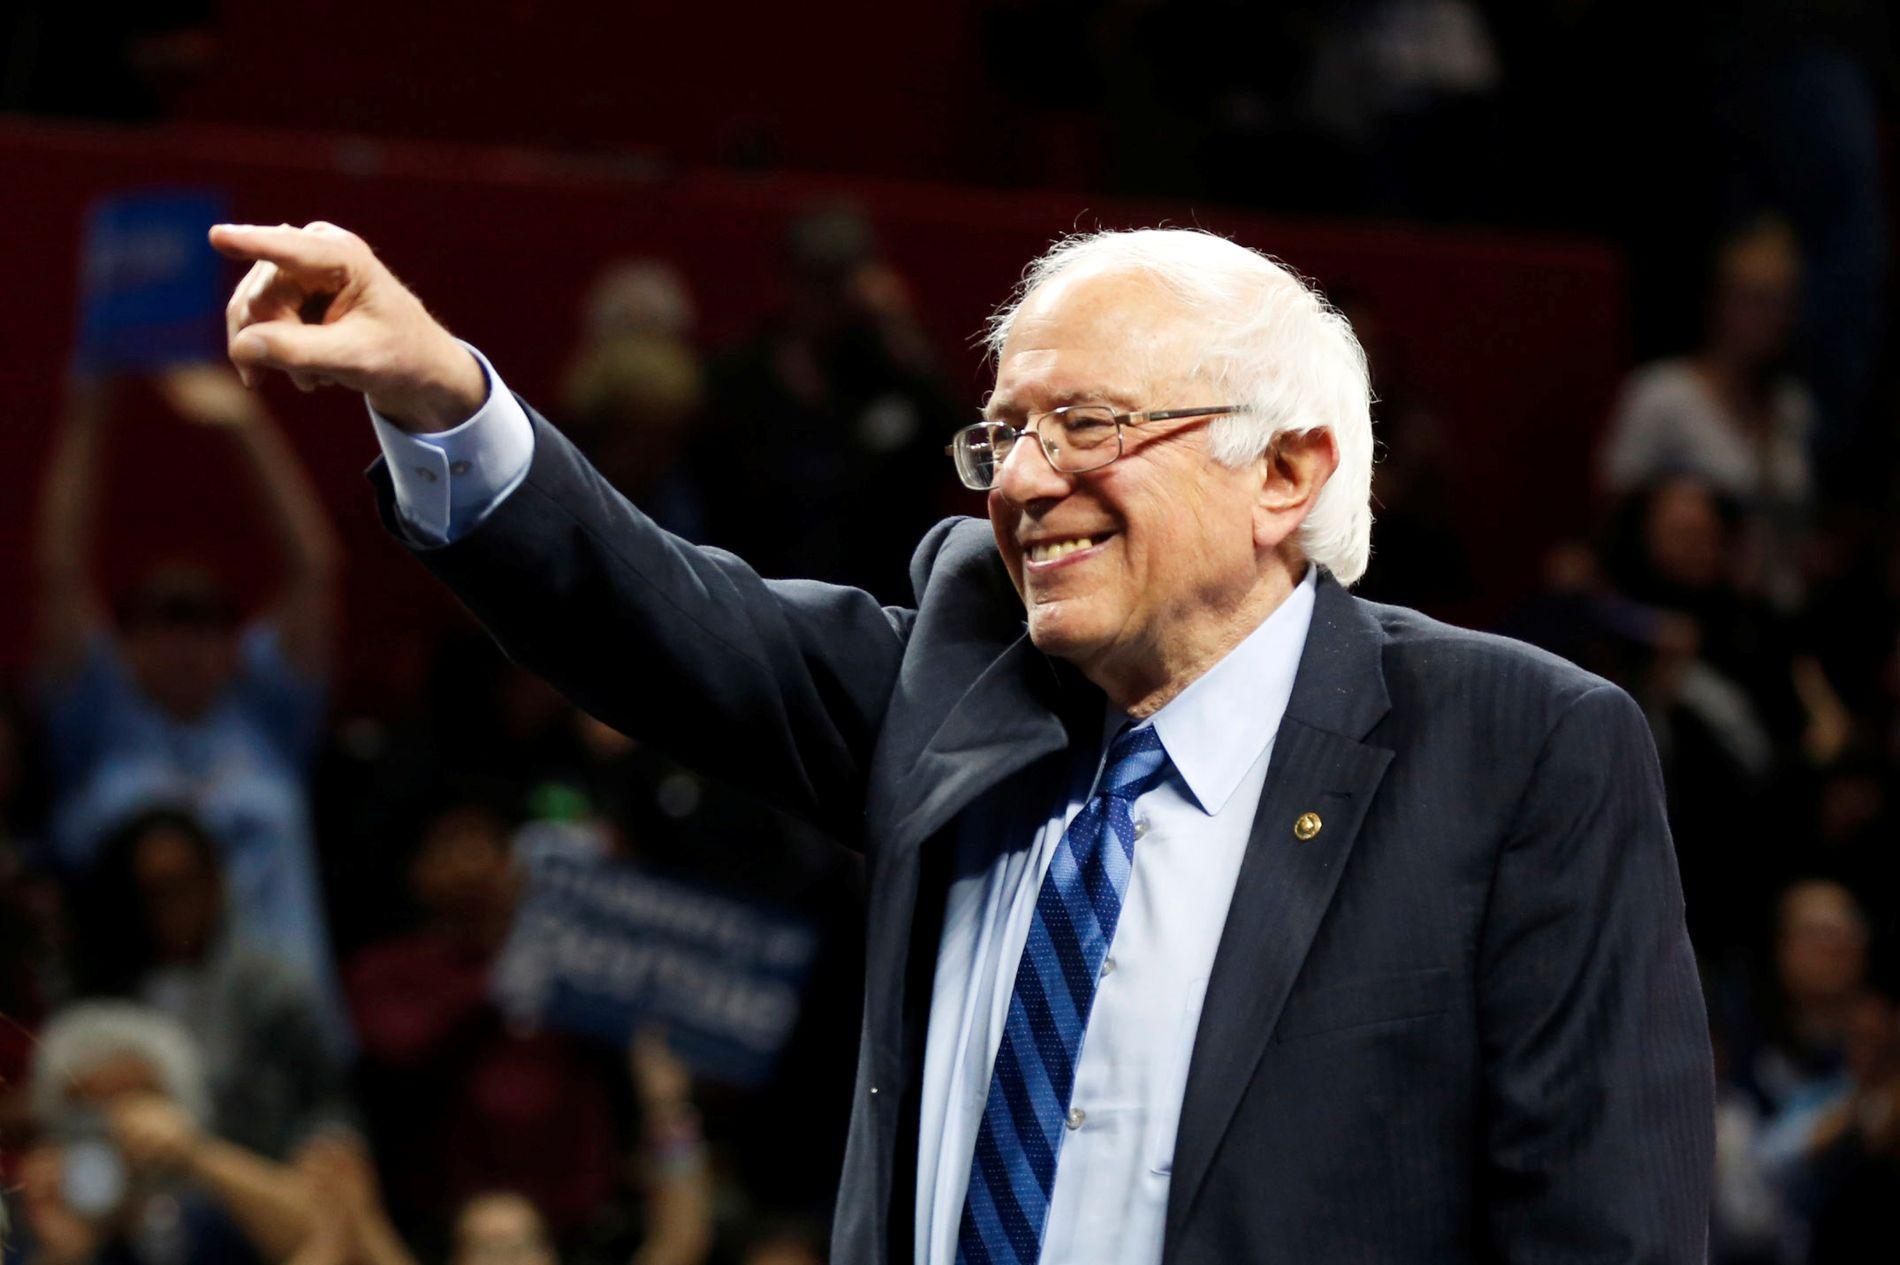 GIR SEG IKKE: Bernie Sanders sier det er uaktuelt å kaste inn håndkle. Her er han avbildet på et valgmøte tidligere denne uken.